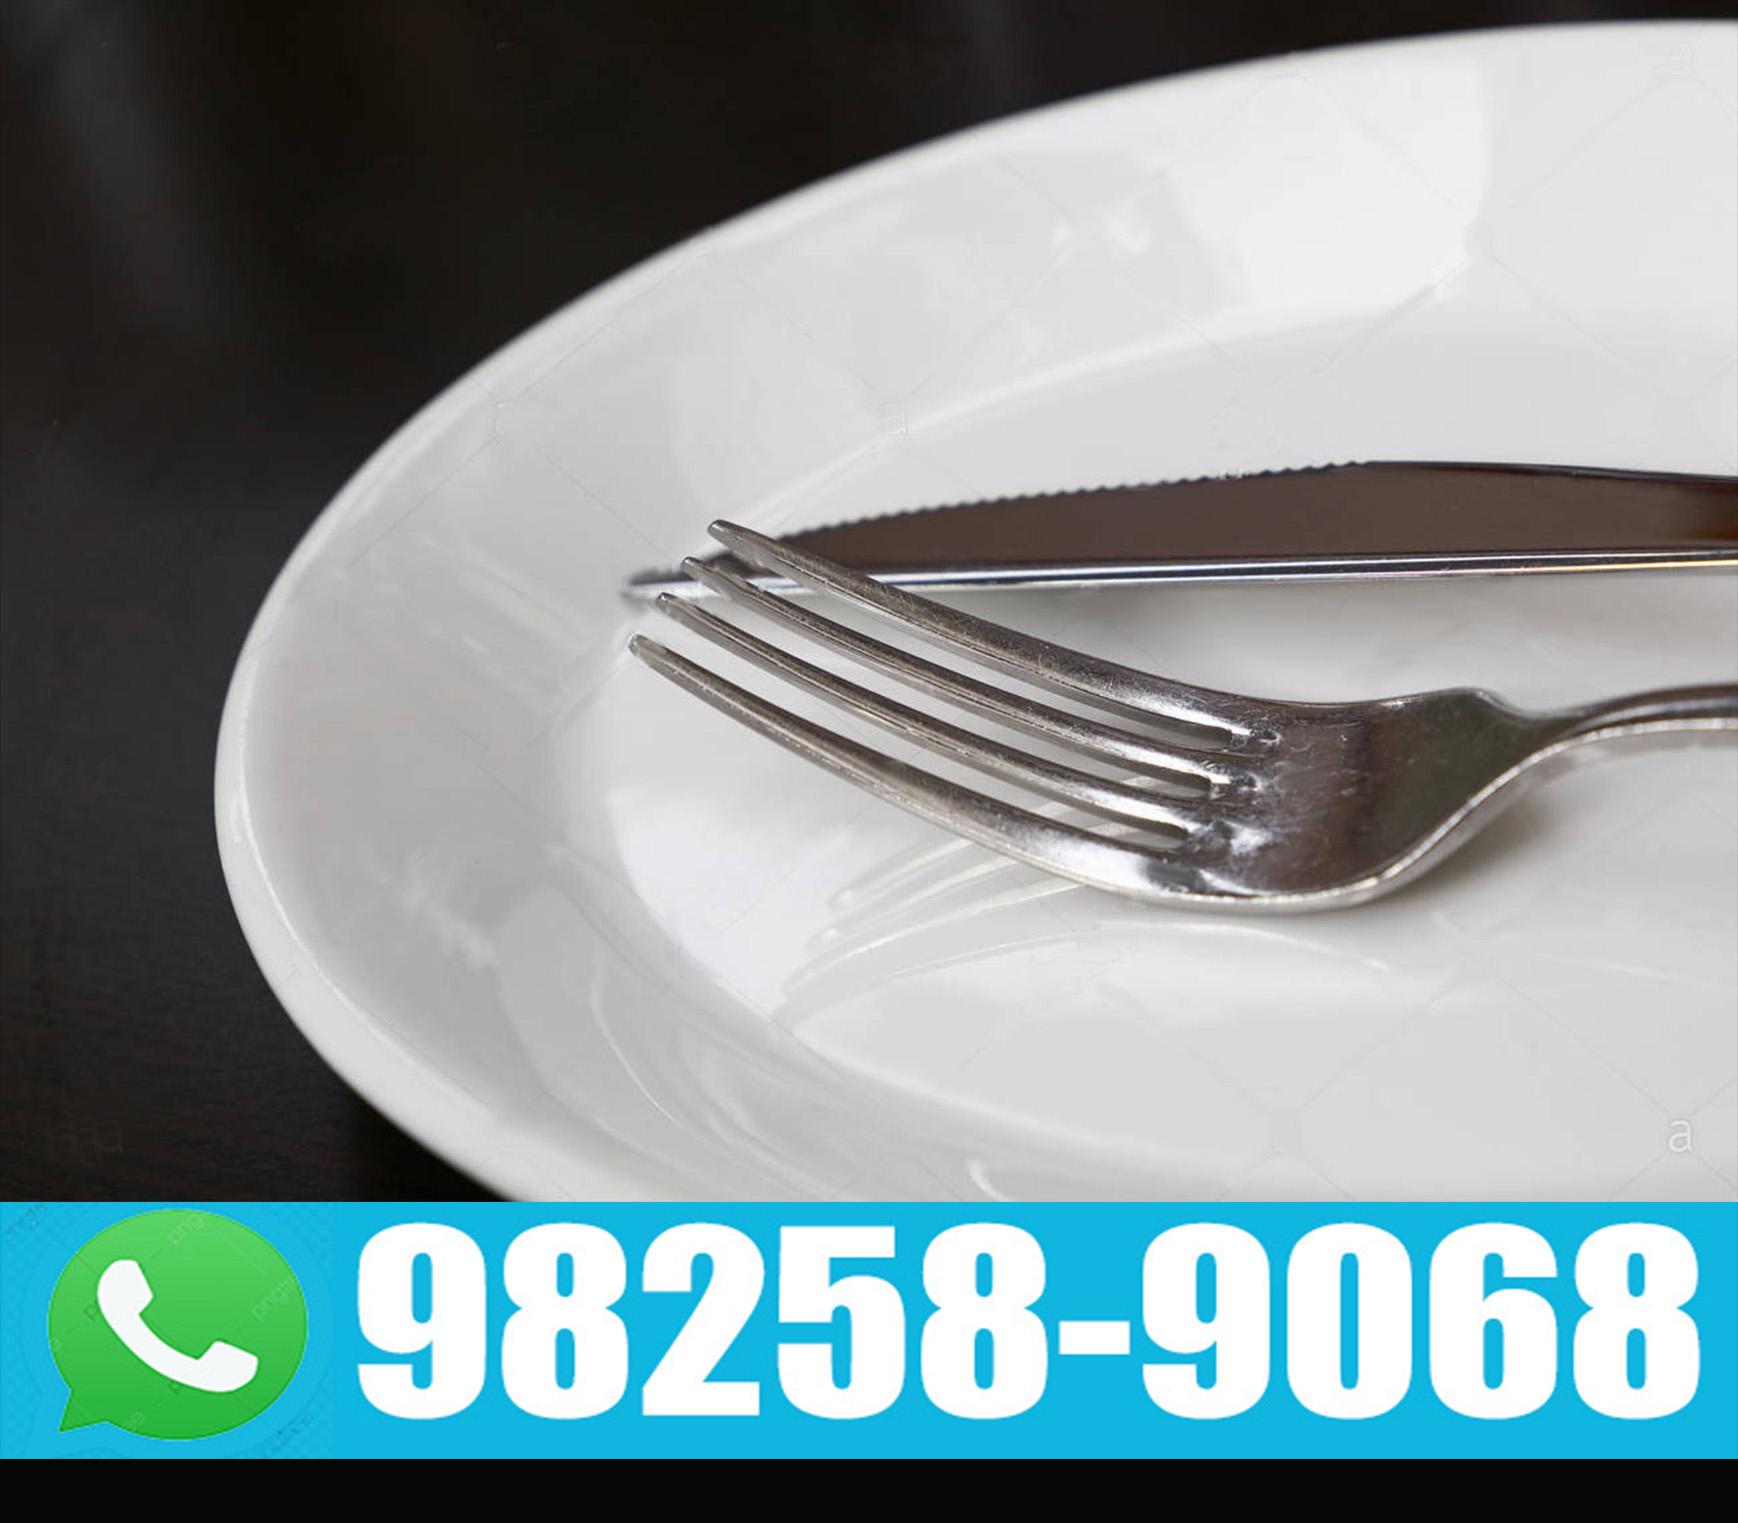 Aluguel de pratos e talheres